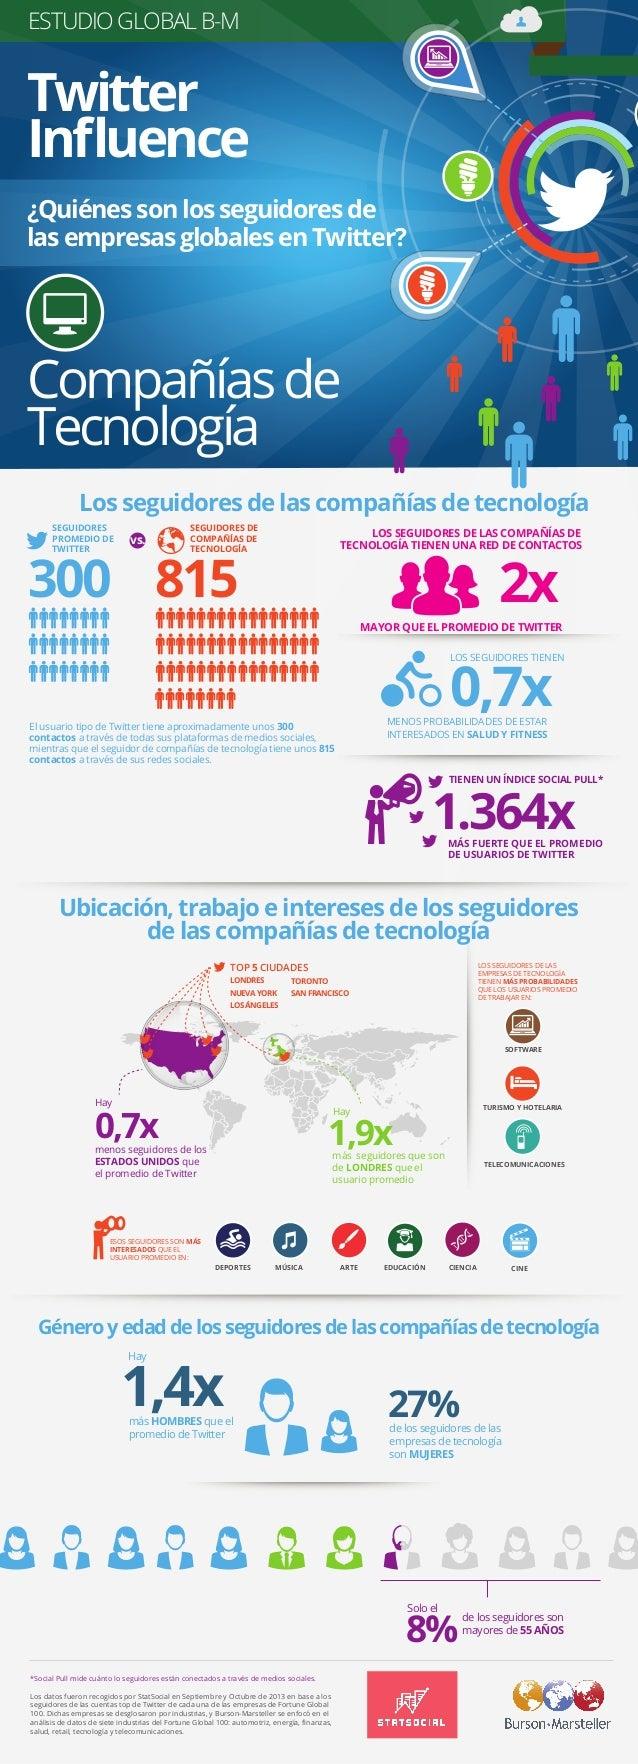 *Social Pull mide cuánto lo seguidores están conectados a través de medios sociales. Los datos fueron recogidos por StatSo...